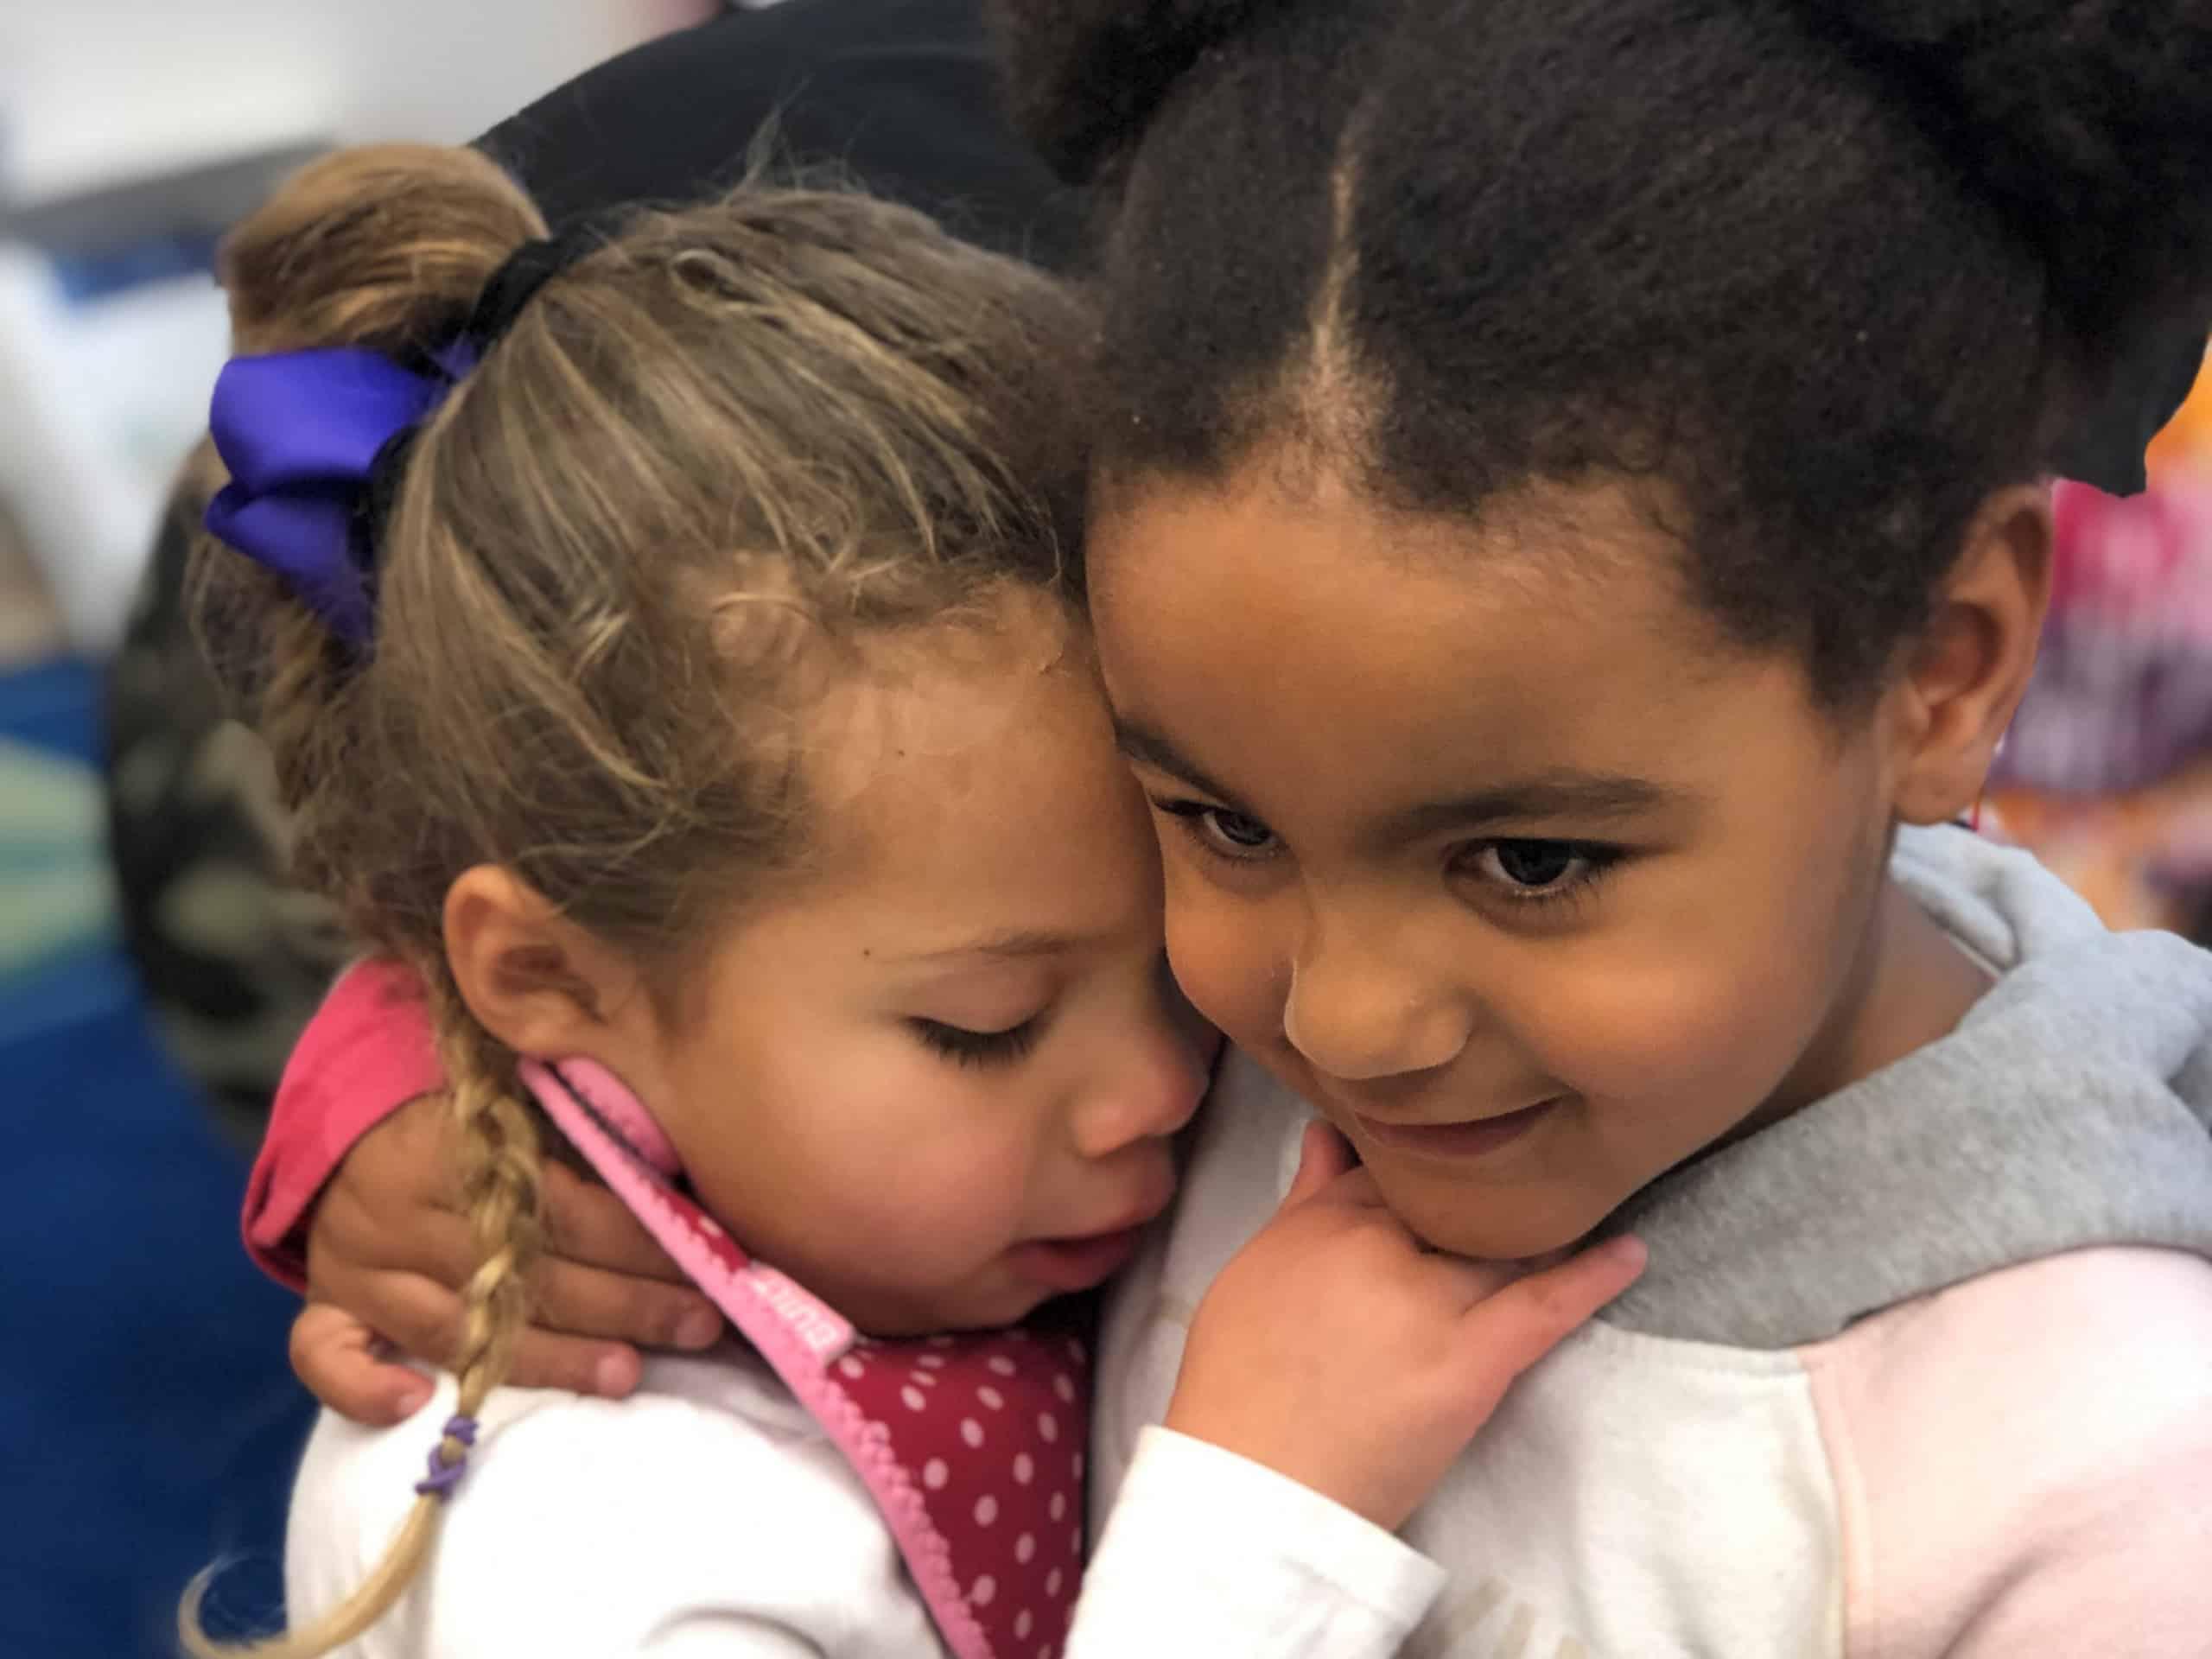 Two preschool girls hug inside